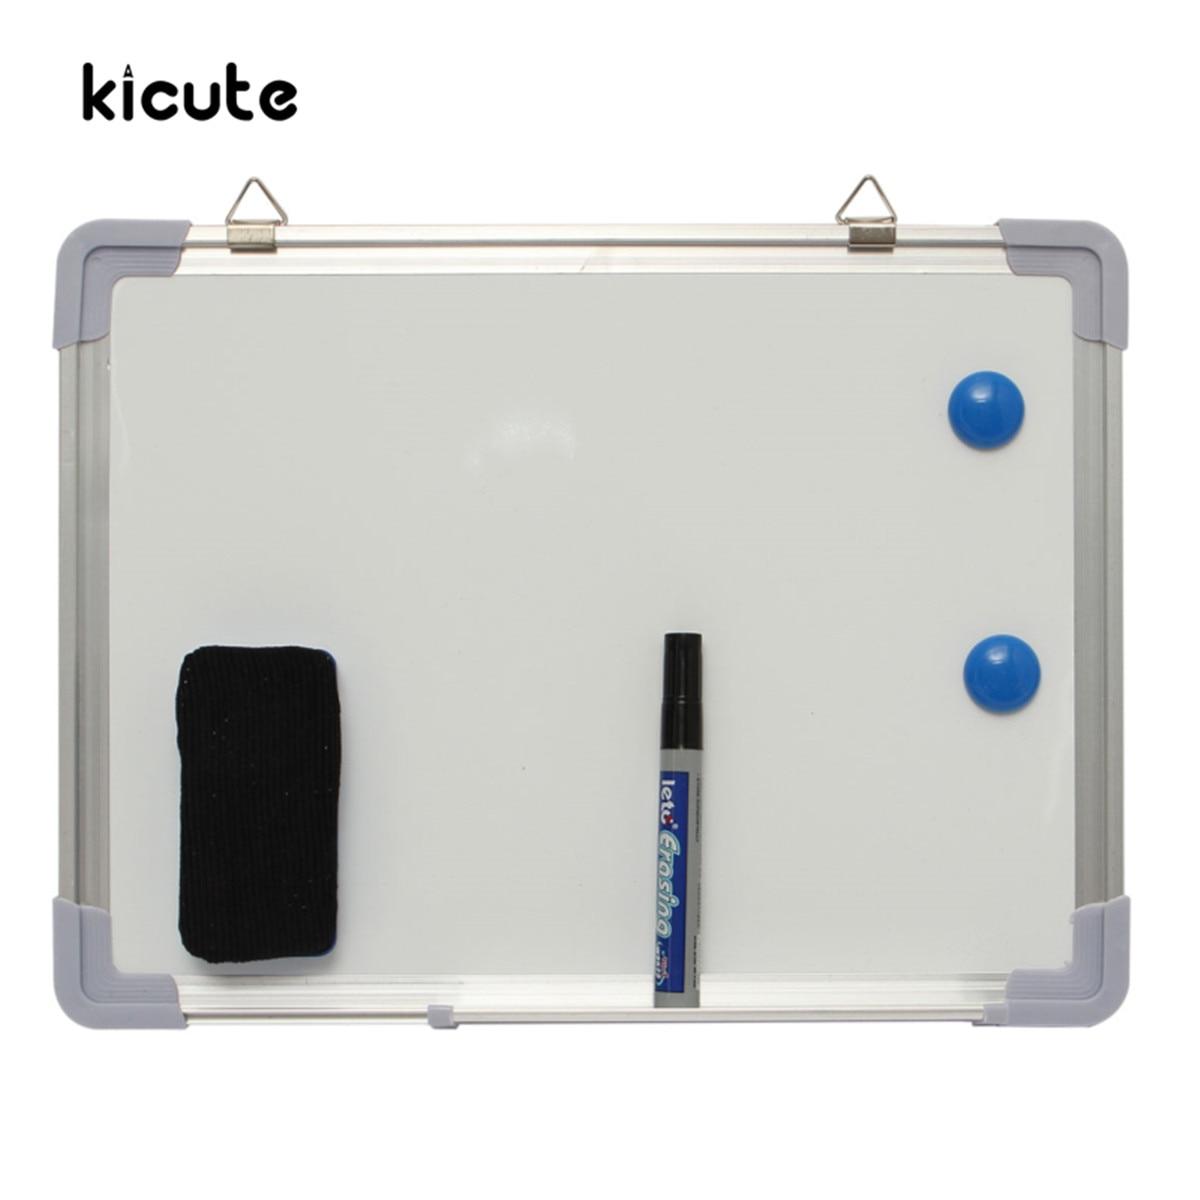 Kicute 300x400 MM Magnetico Secco Cancellare Bordo Lavagna Lavagna Double Side Con La Penna Cancellare Magneti Pulsanti Per Ufficio scuola